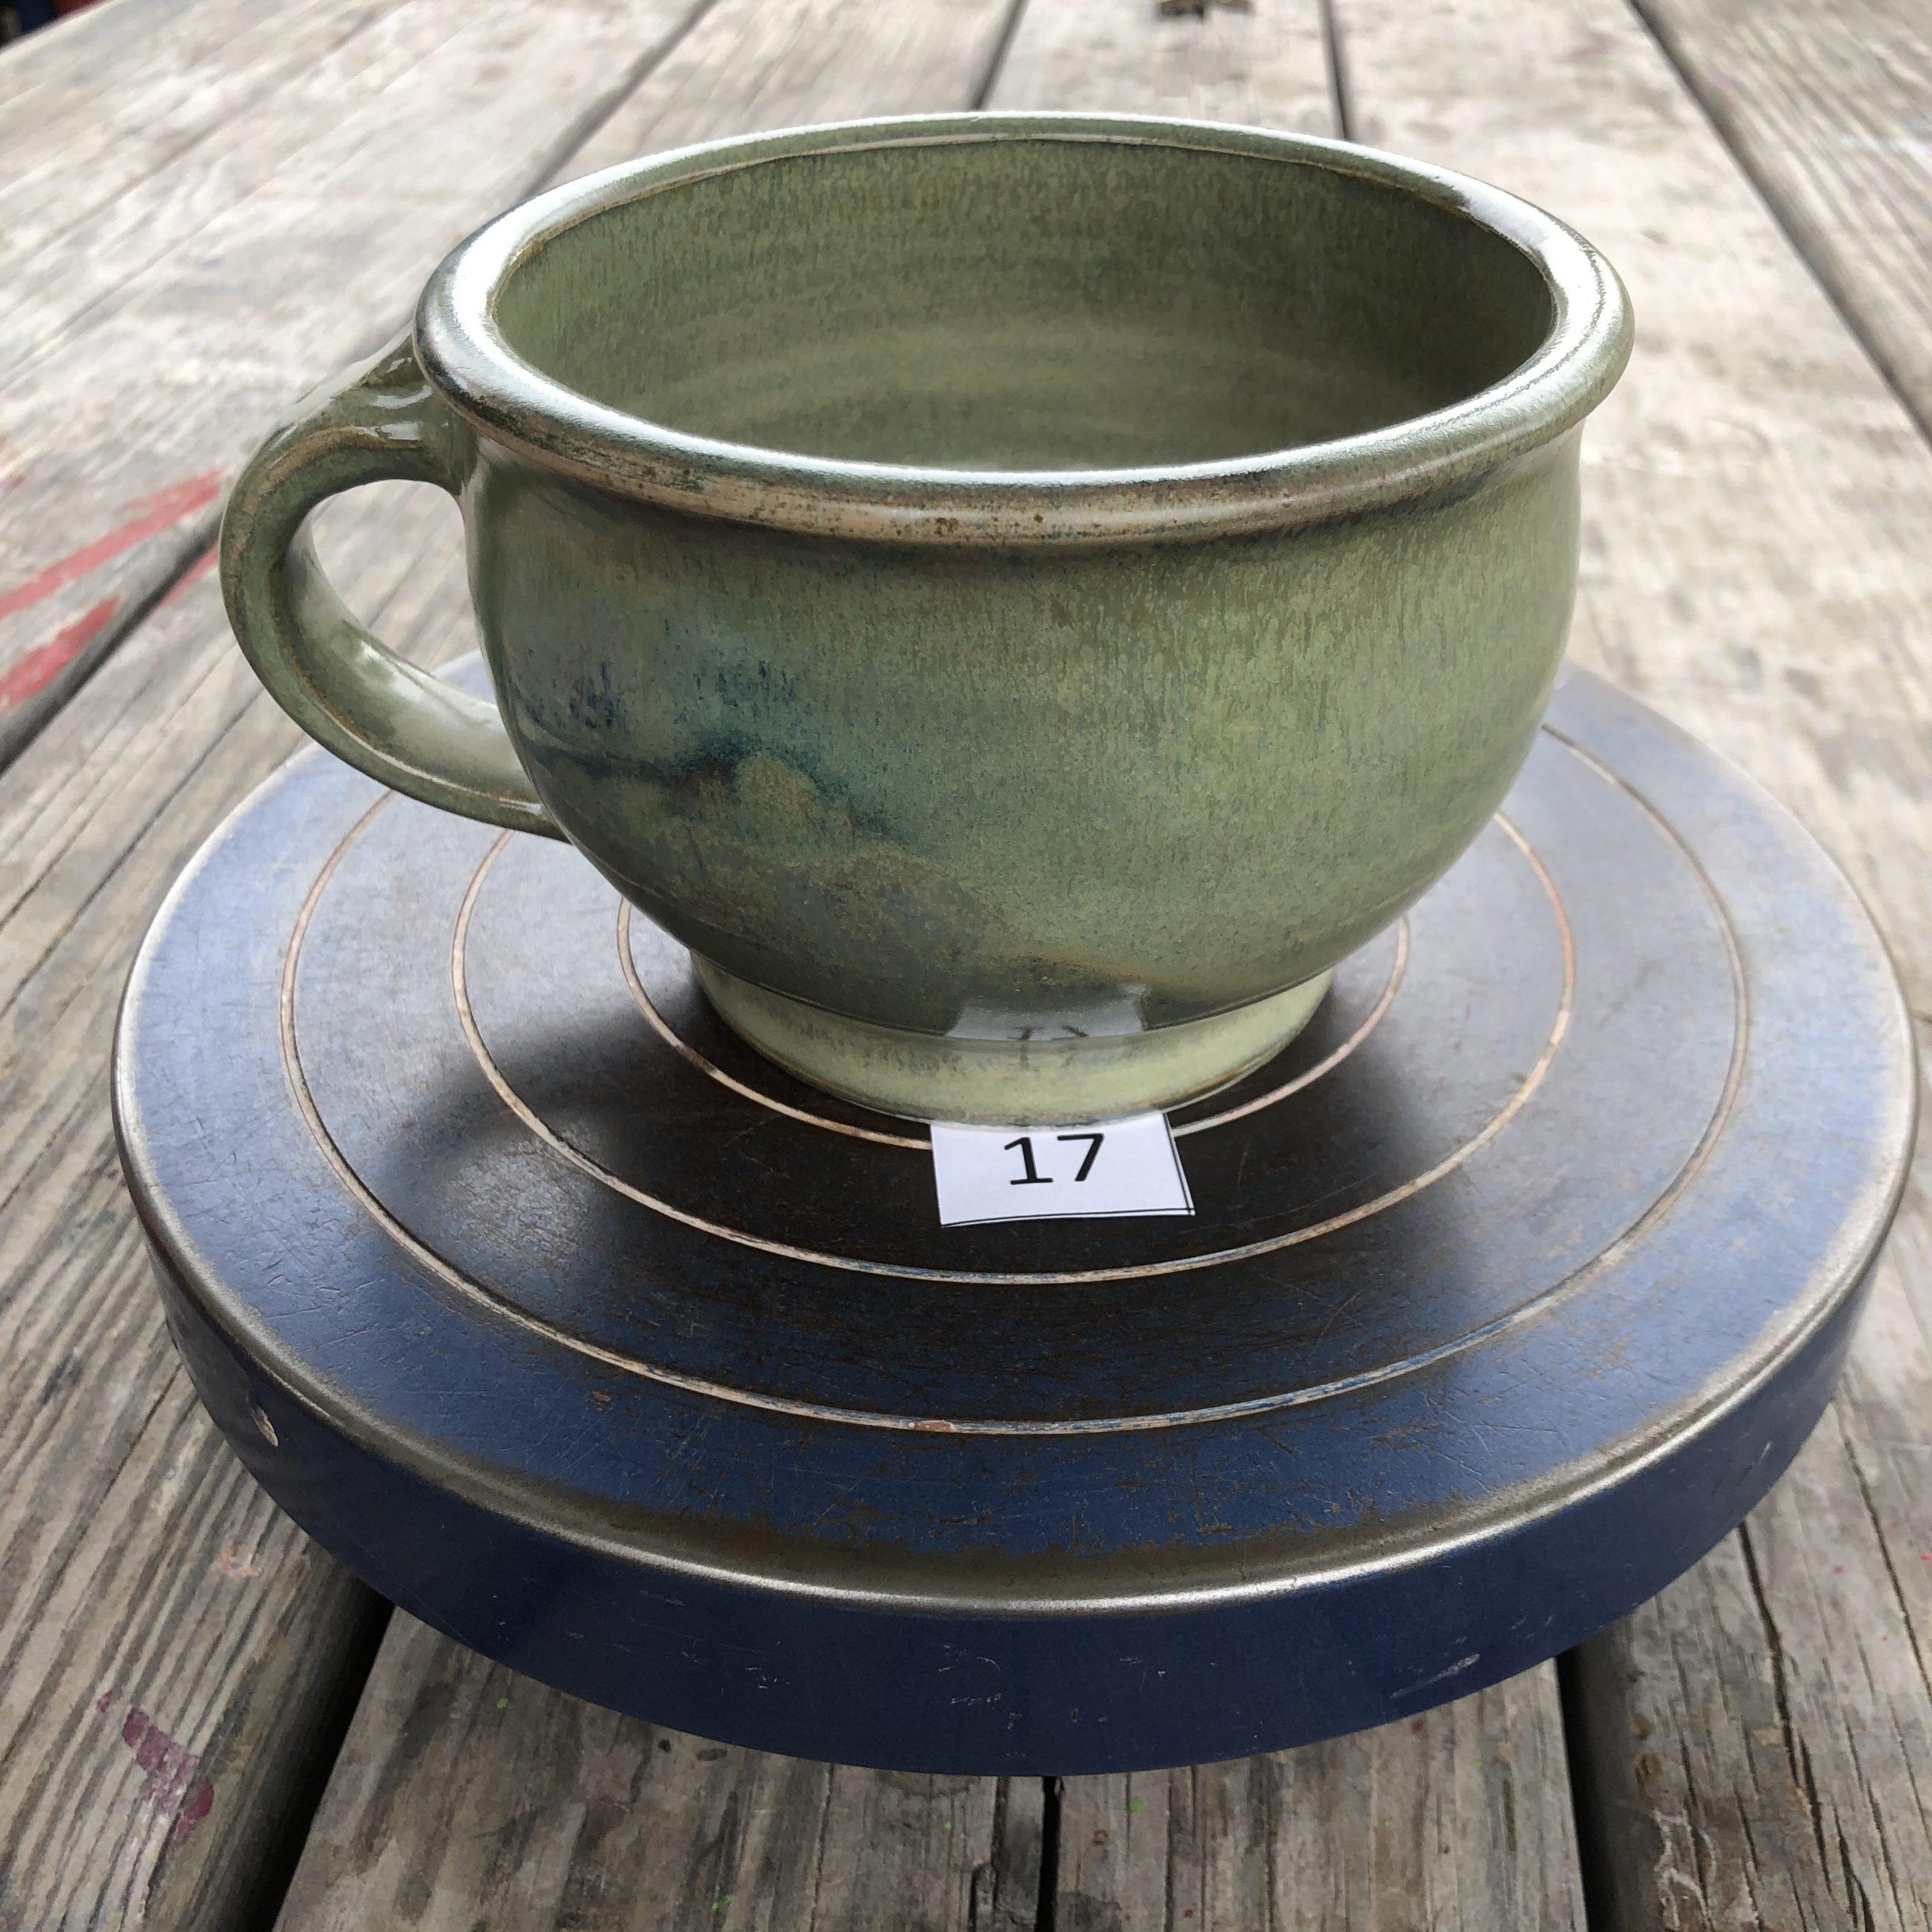 Betsy Curtiss Grey/Green Mug #17